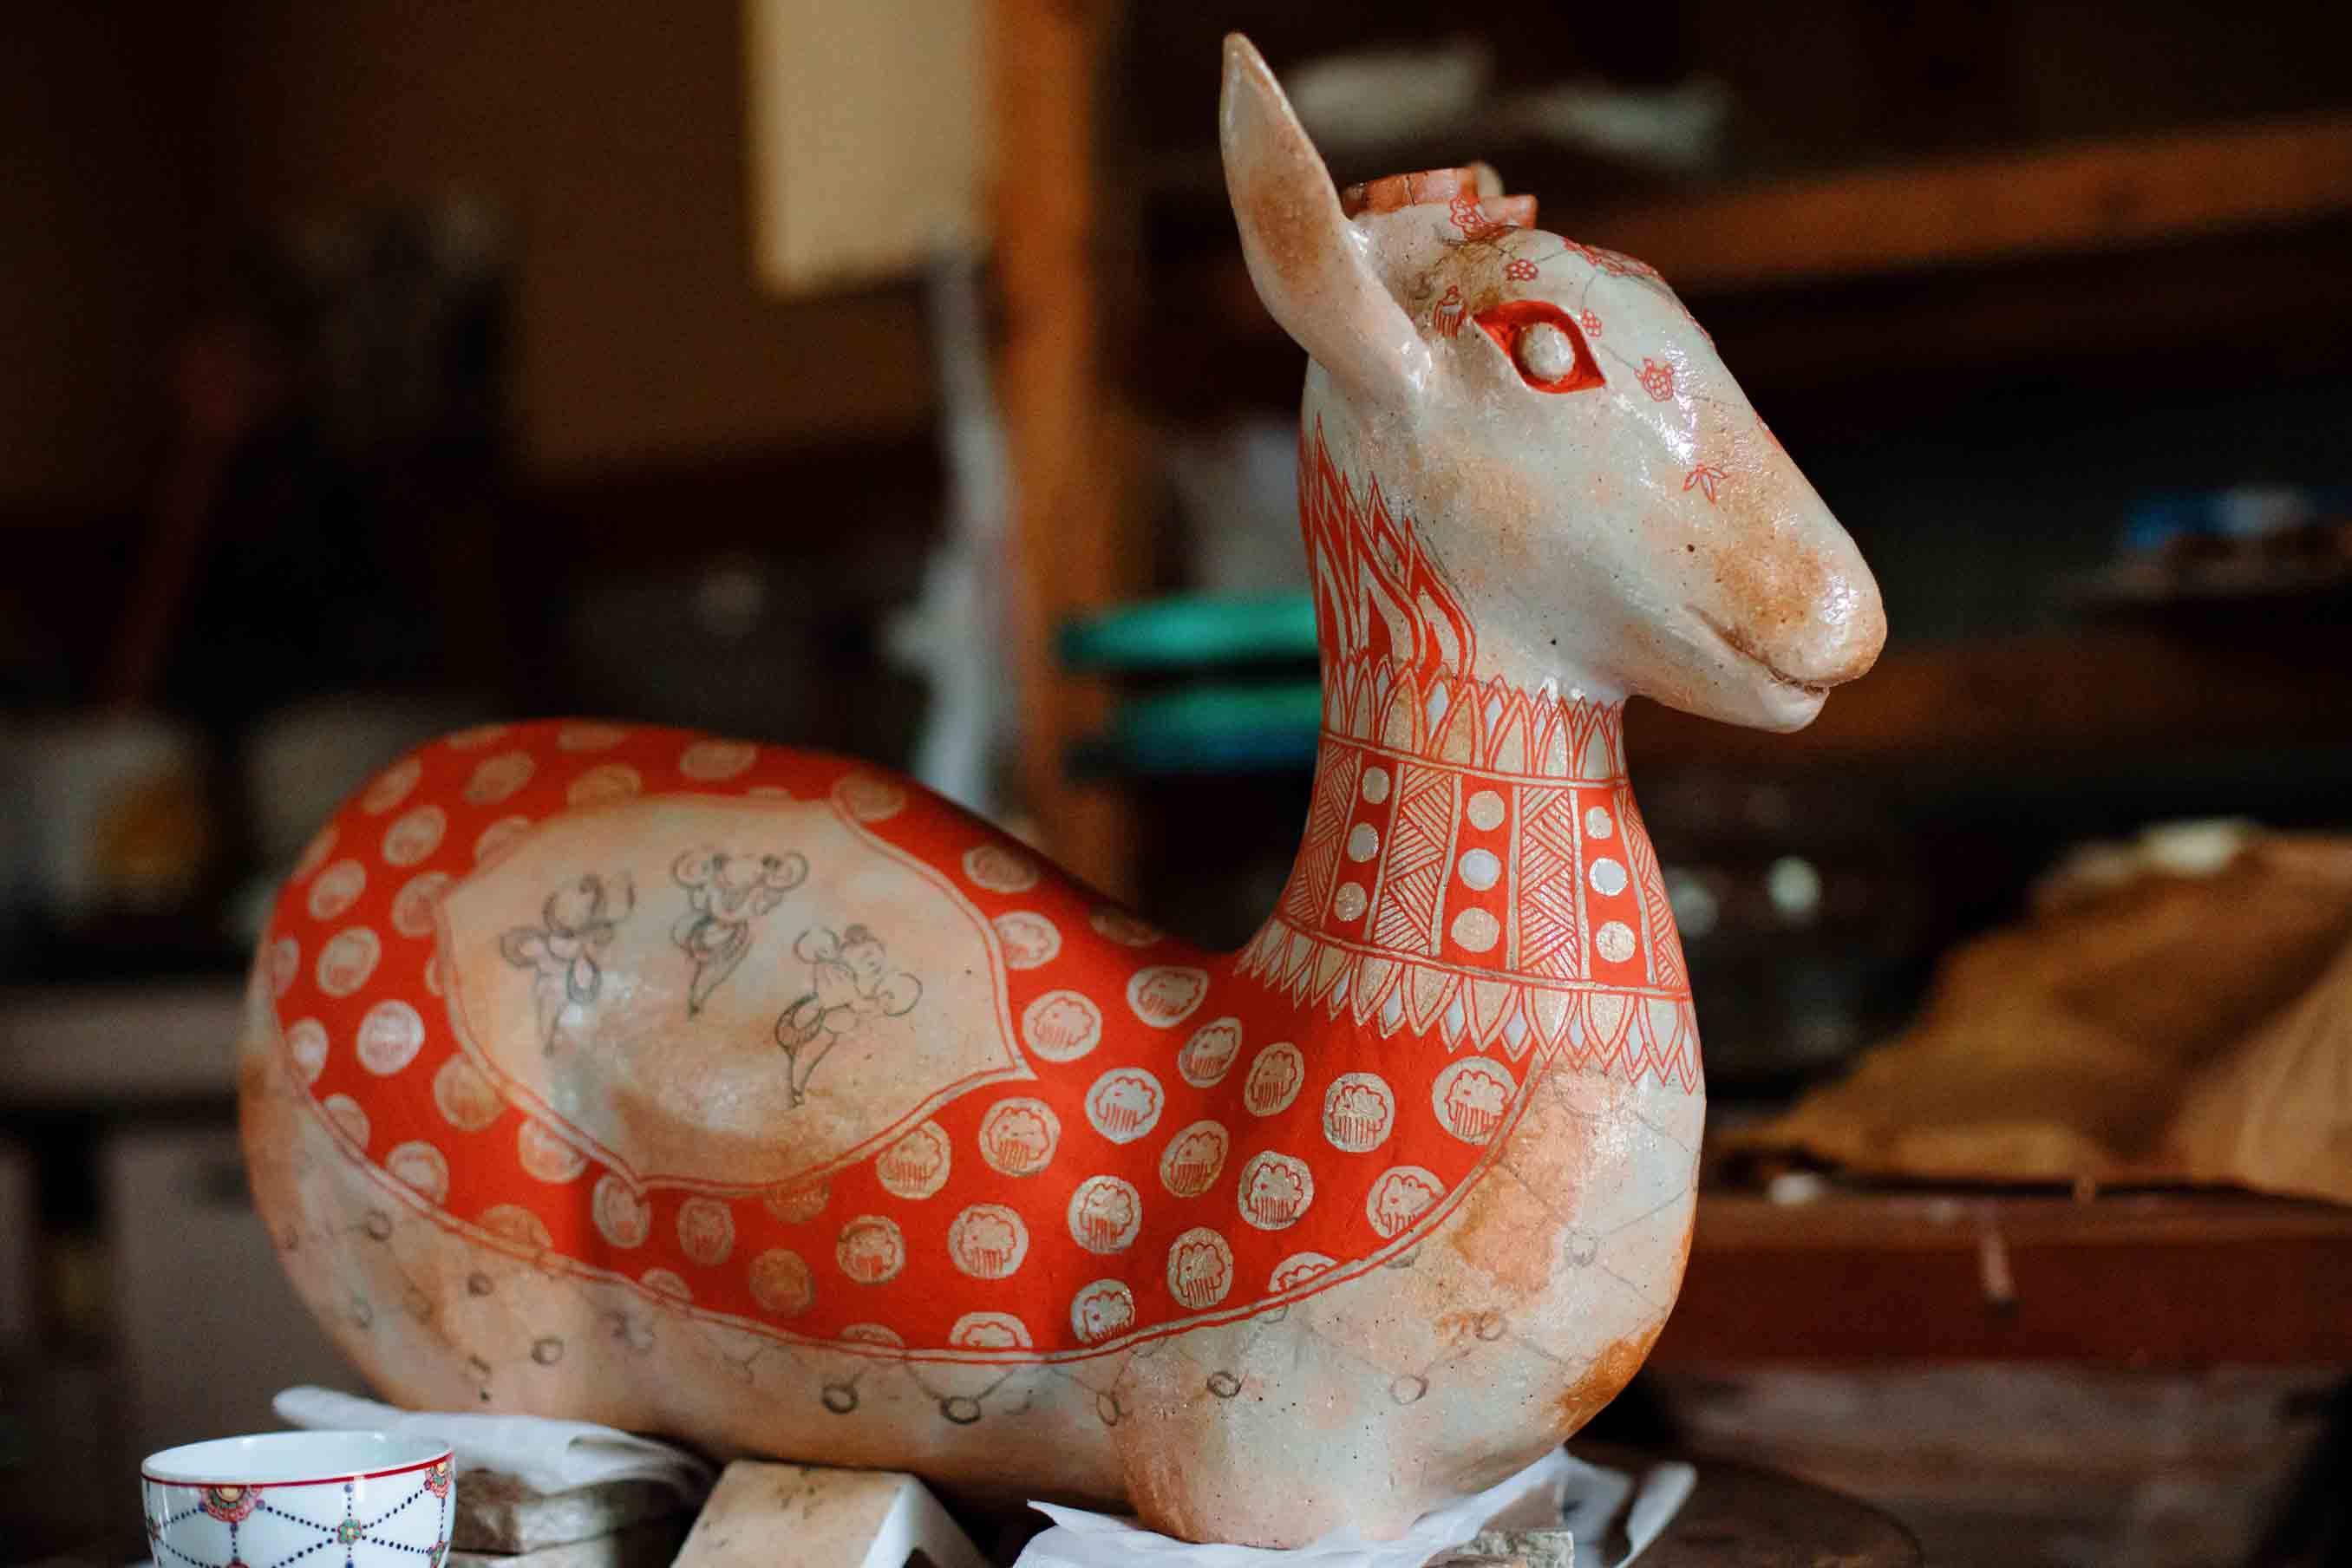 絵柄の縁に瓔珞文様が加わることで、鹿が衣を纏っているようにも見えますね